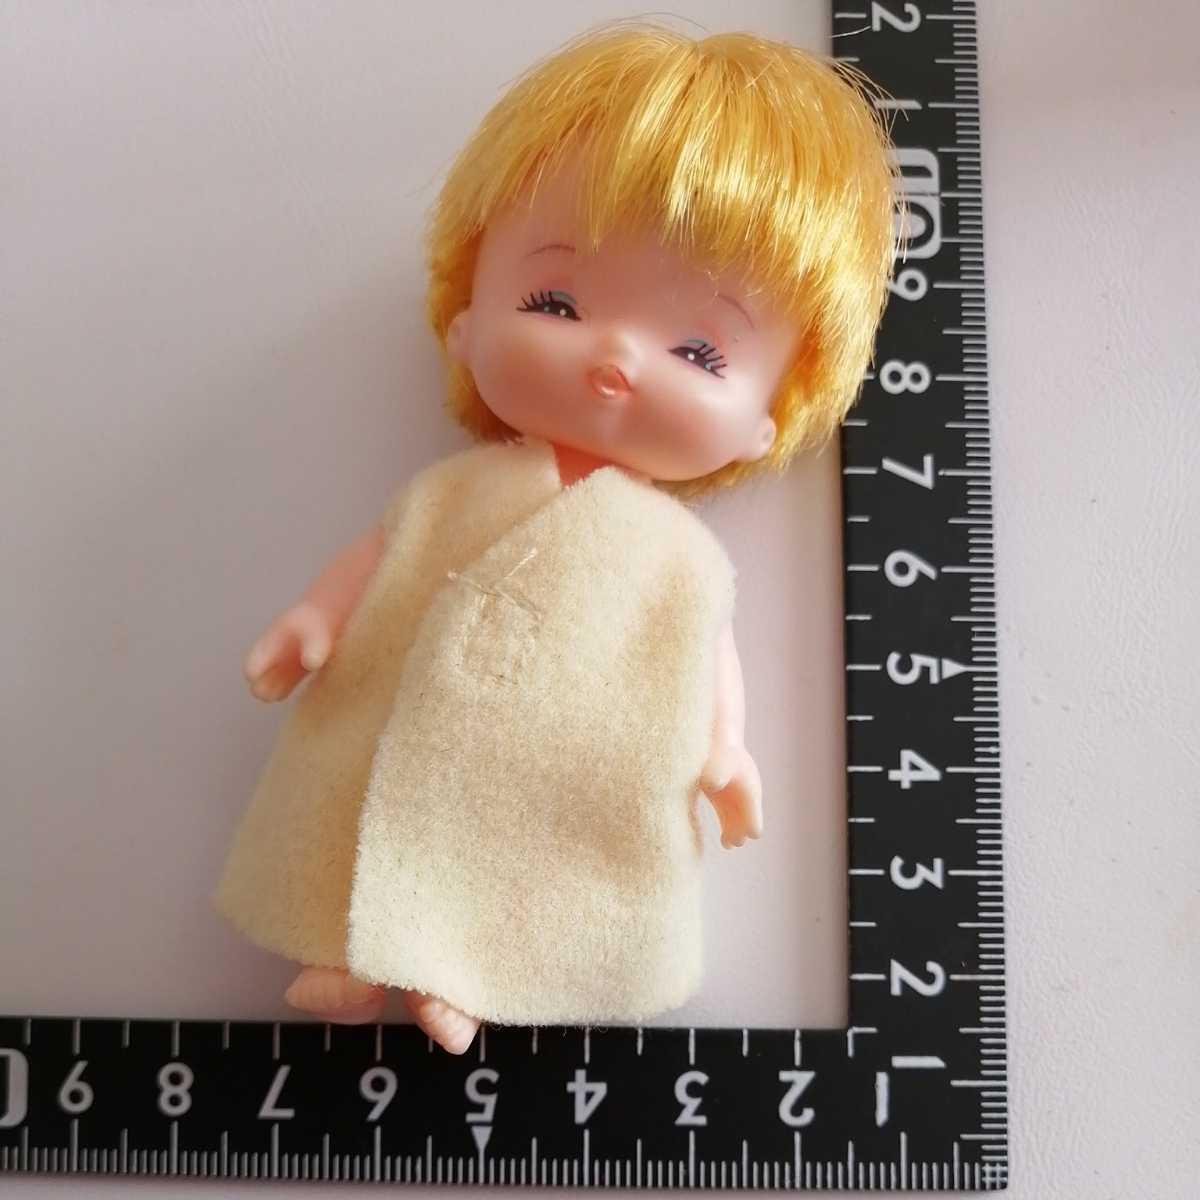 おでこ汚れ難。リカちゃん フラワーベビーズ たんぽぽちゃん 人形 赤ちゃん _画像1